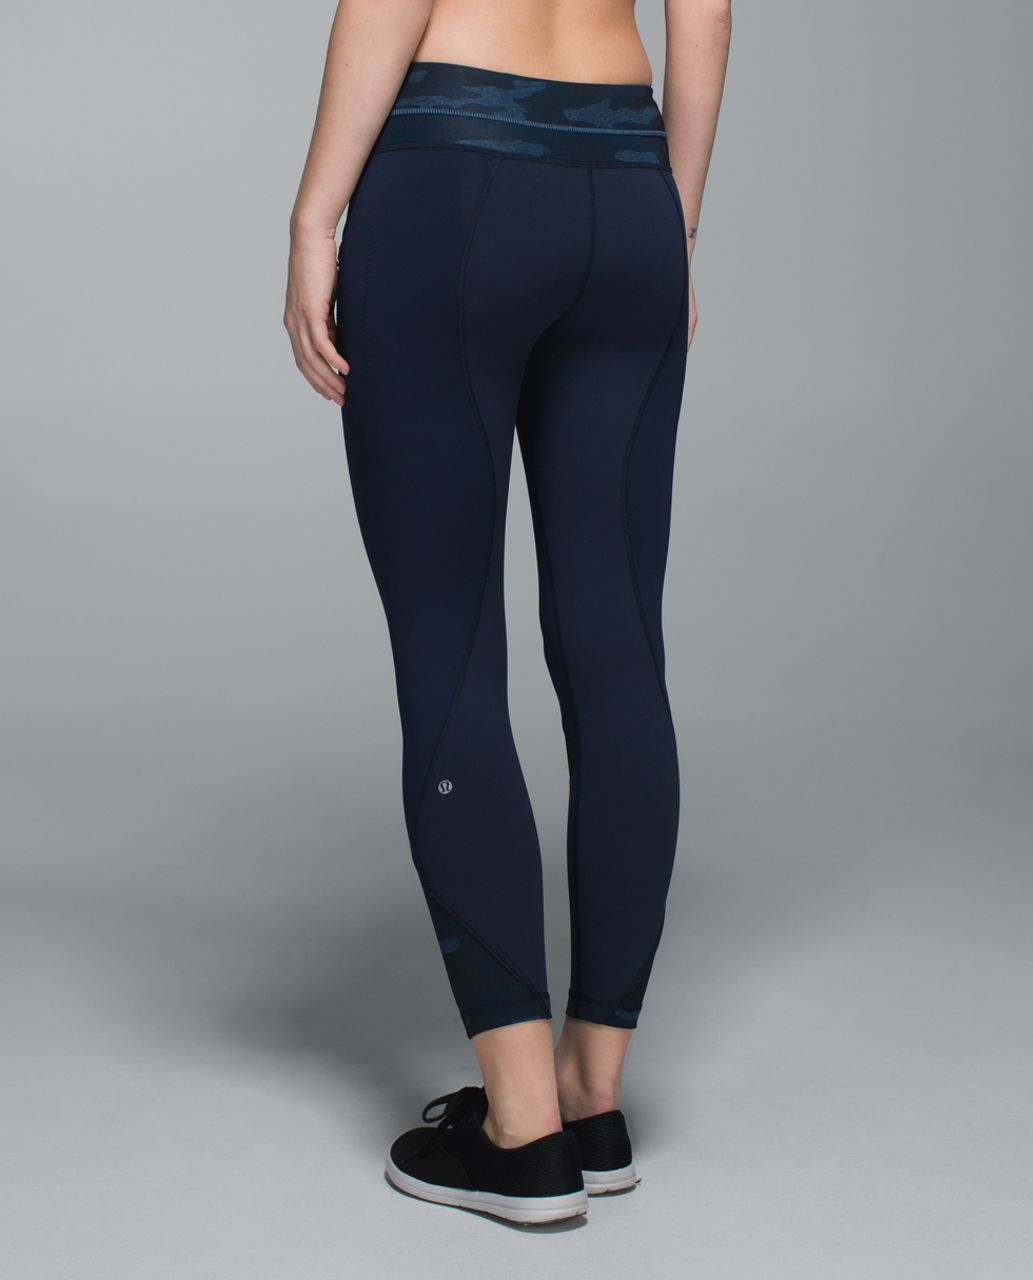 Lululemon Inspire Tight II - Inkwell / Heathered Texture Lotus Camo Oil Slick Blue